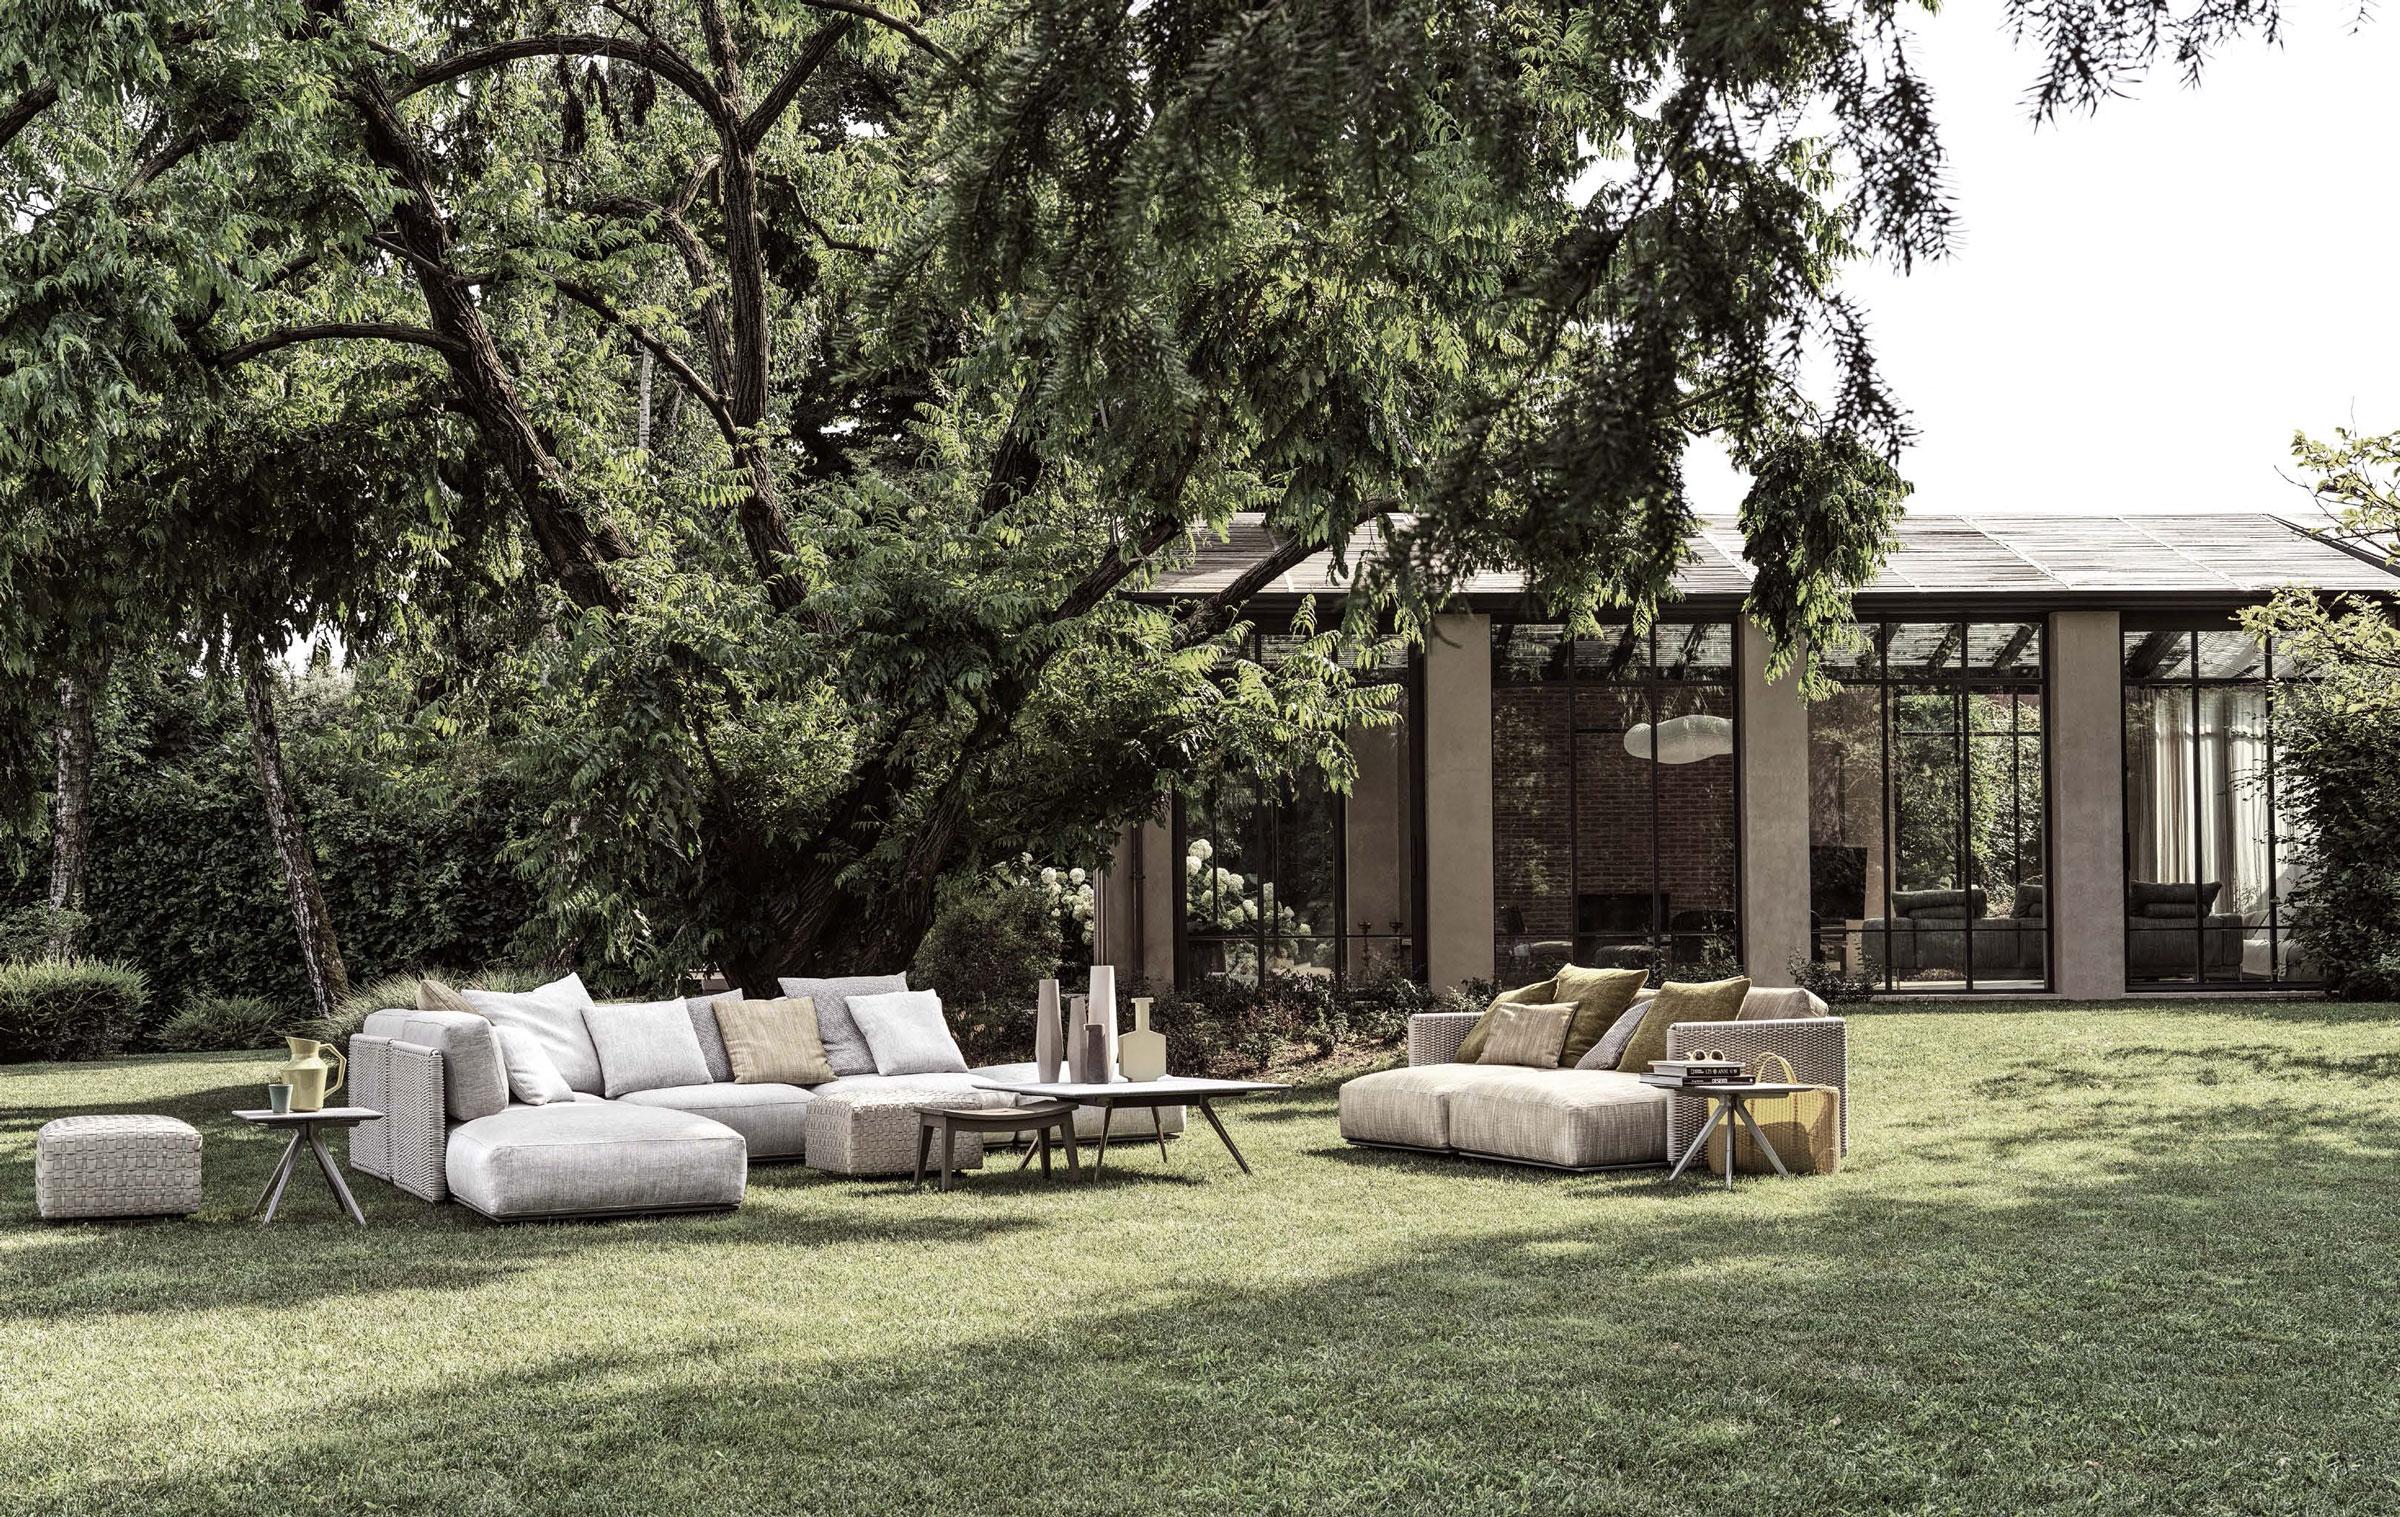 hauser-design-flexform-sofa-auf-gras-im-garten-in-hell